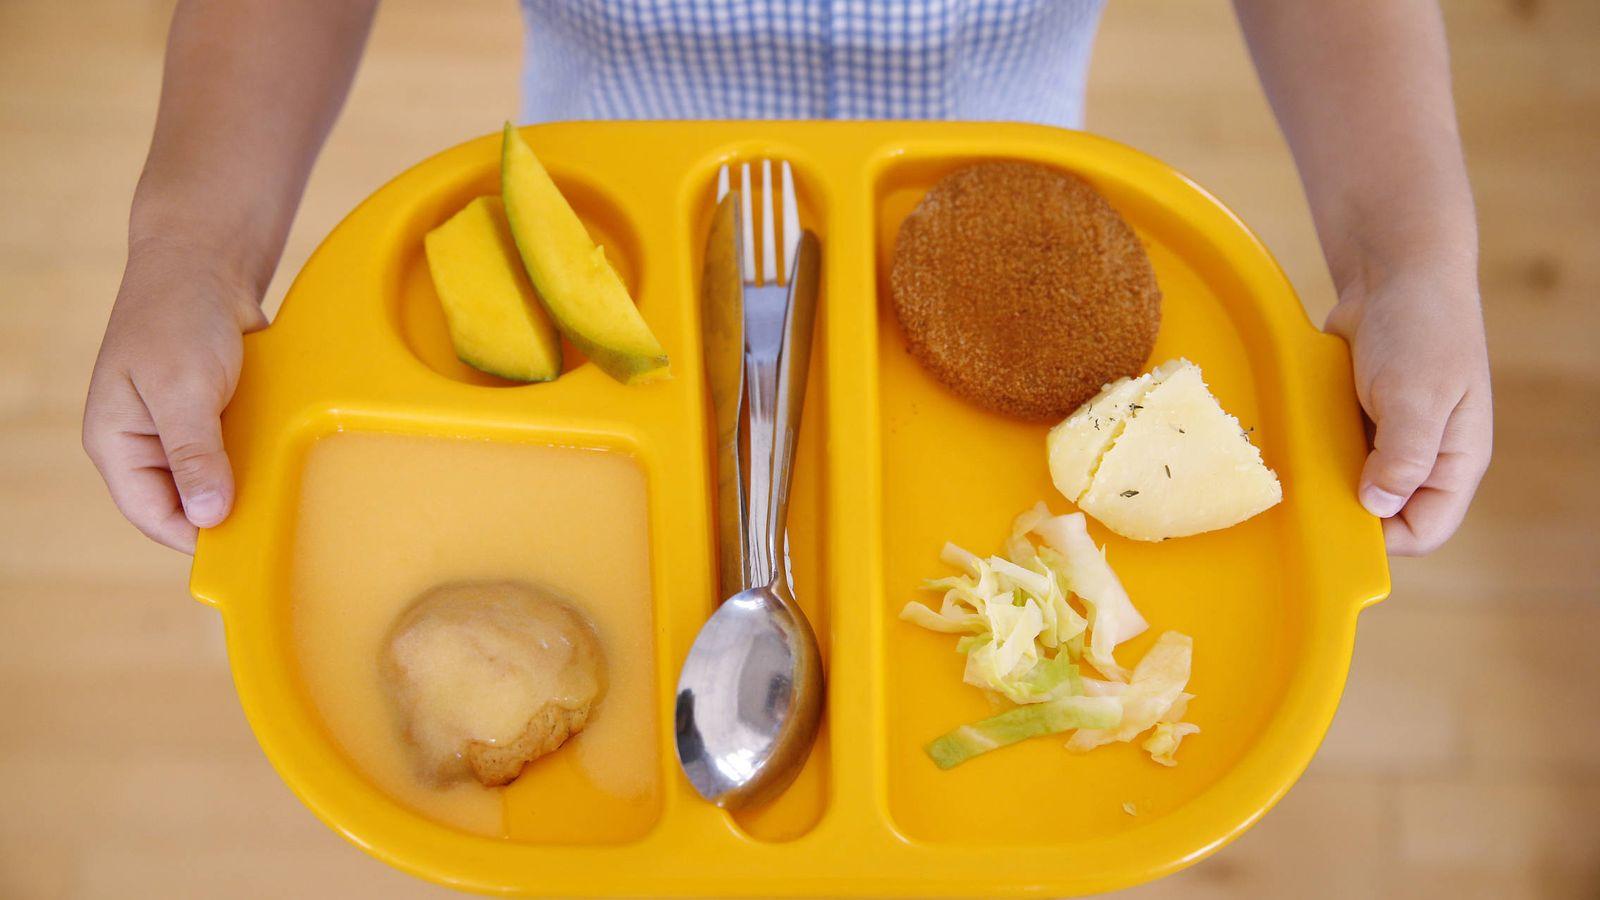 Retraso crónico de las becas comedor: Es la única comida caliente ...